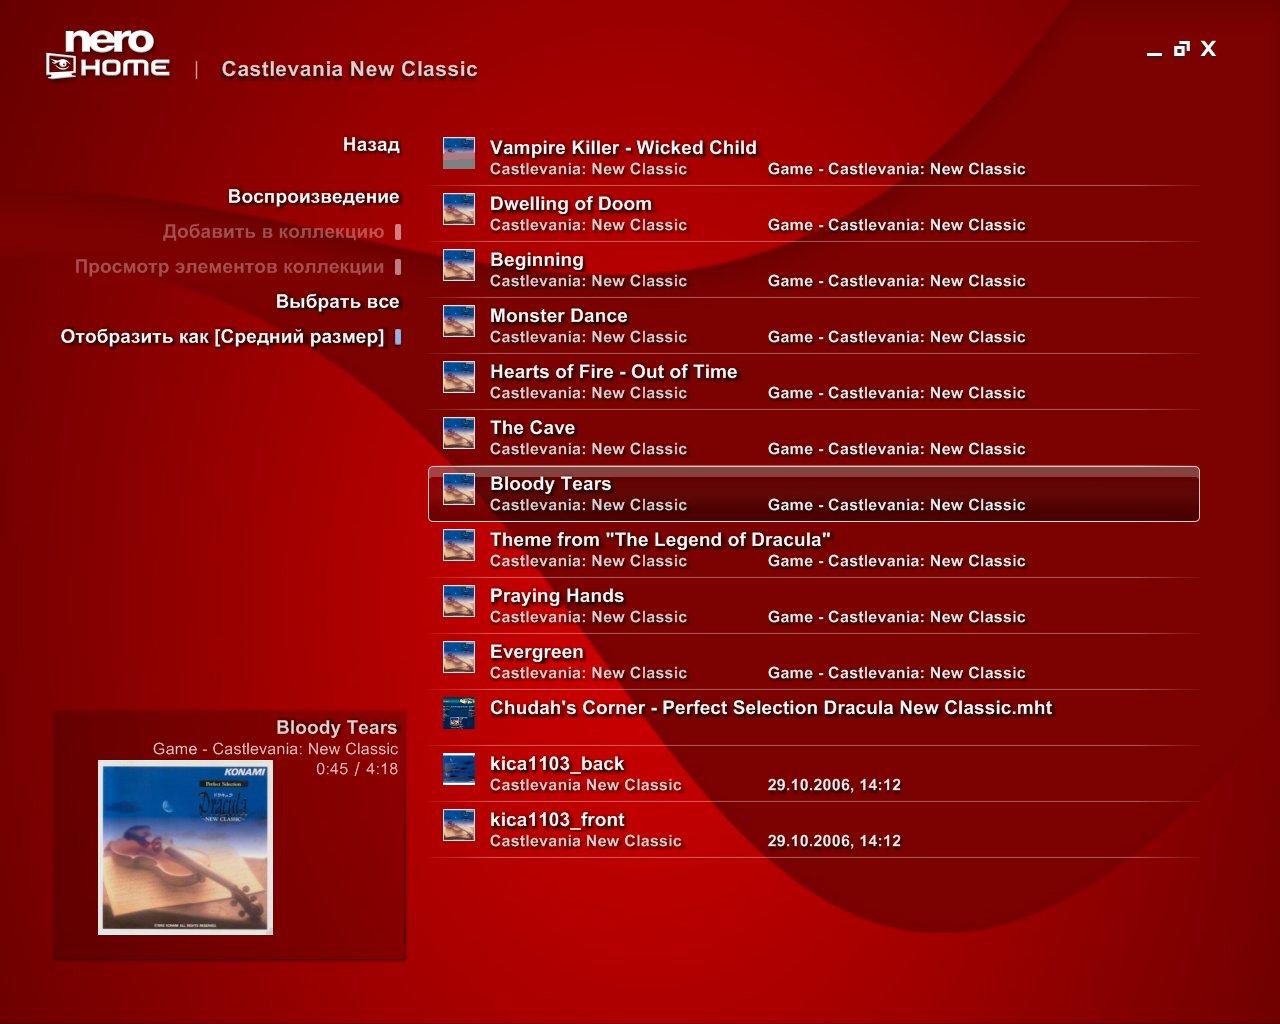 CRACK.MS - Download Nero7 Premium Reloaded 7.5.7.0.N.